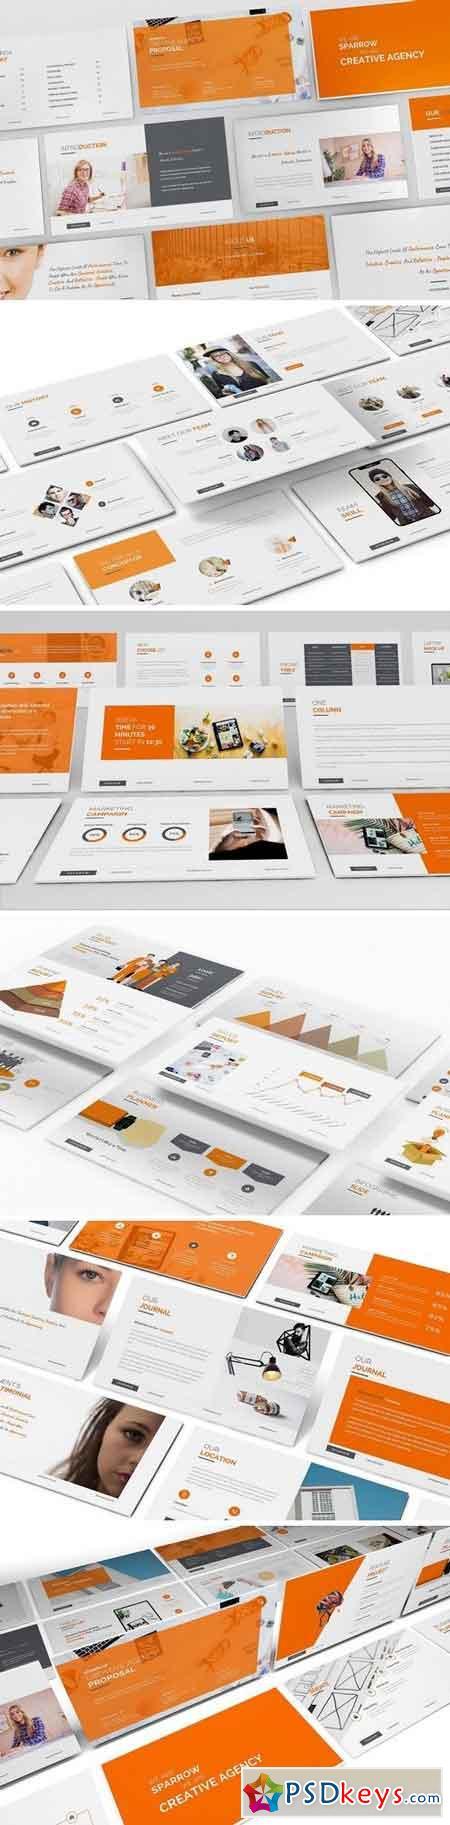 Sparrow - Creative Agency Powerpoint Presentation 2838029